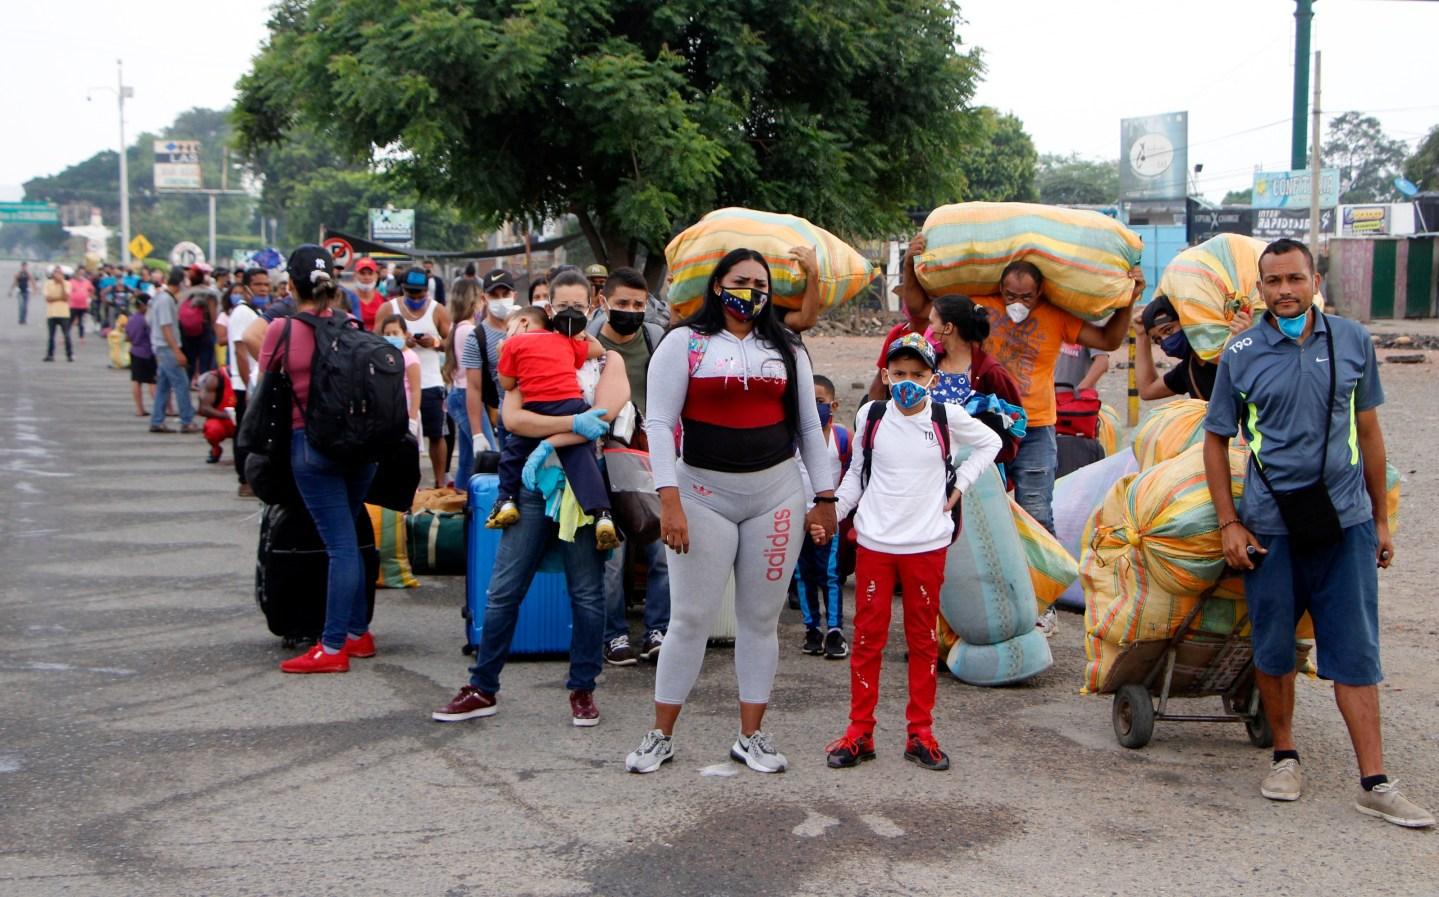 El mundo, ante el reto de ayudar a migrantes venezolanos en plena pandemia